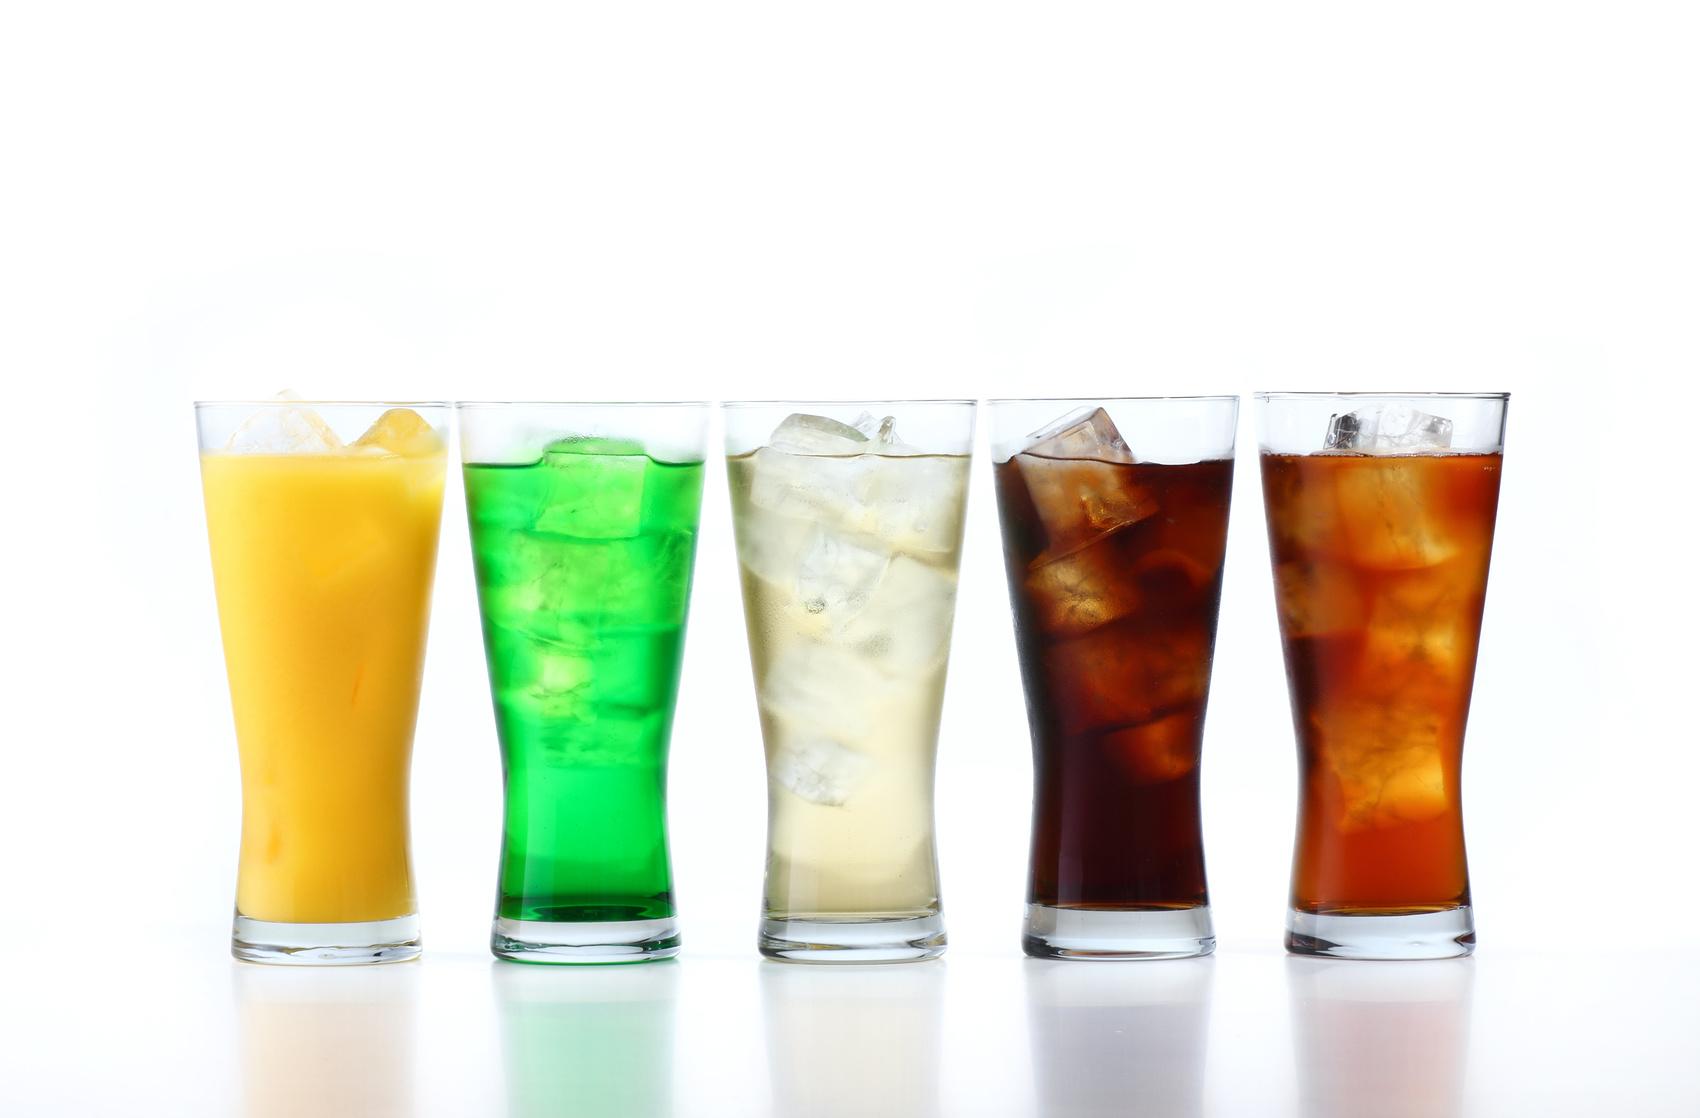 kalorienreiche Softgetränke | BodyChange®